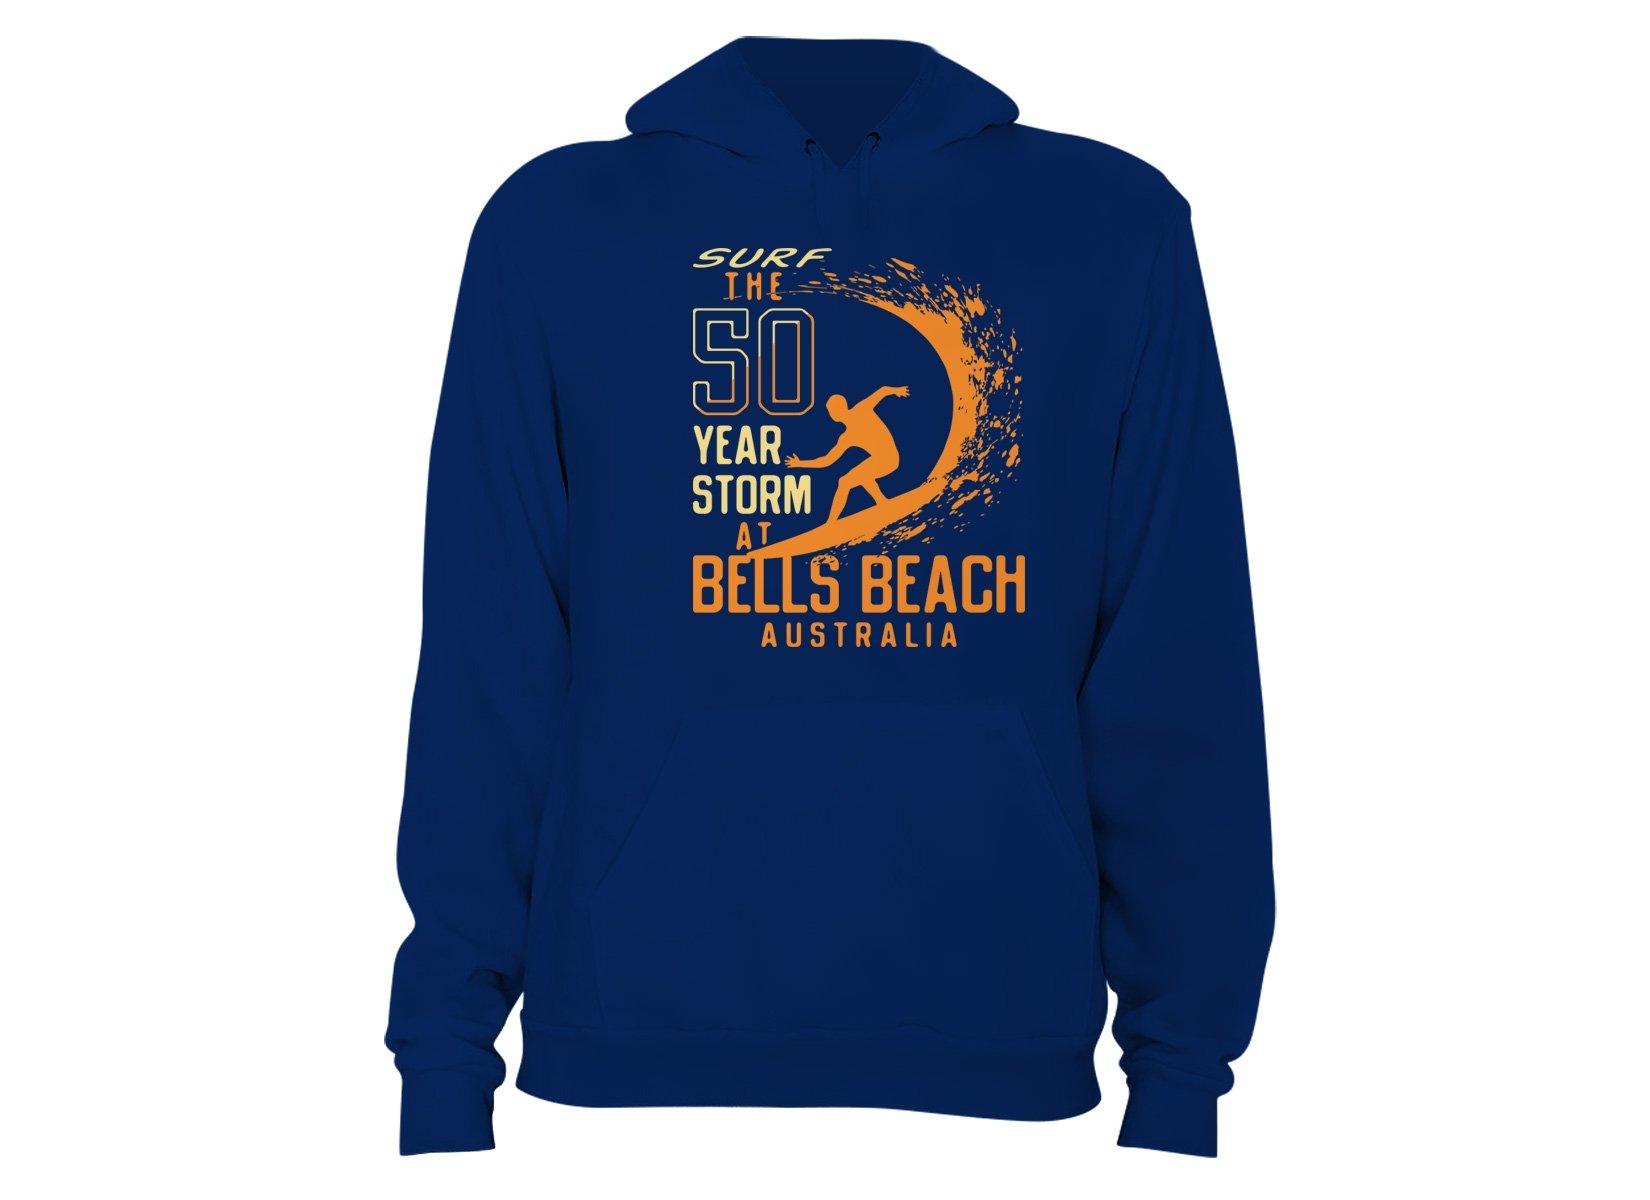 50 Year Storm At Bells Beach on Hoodie